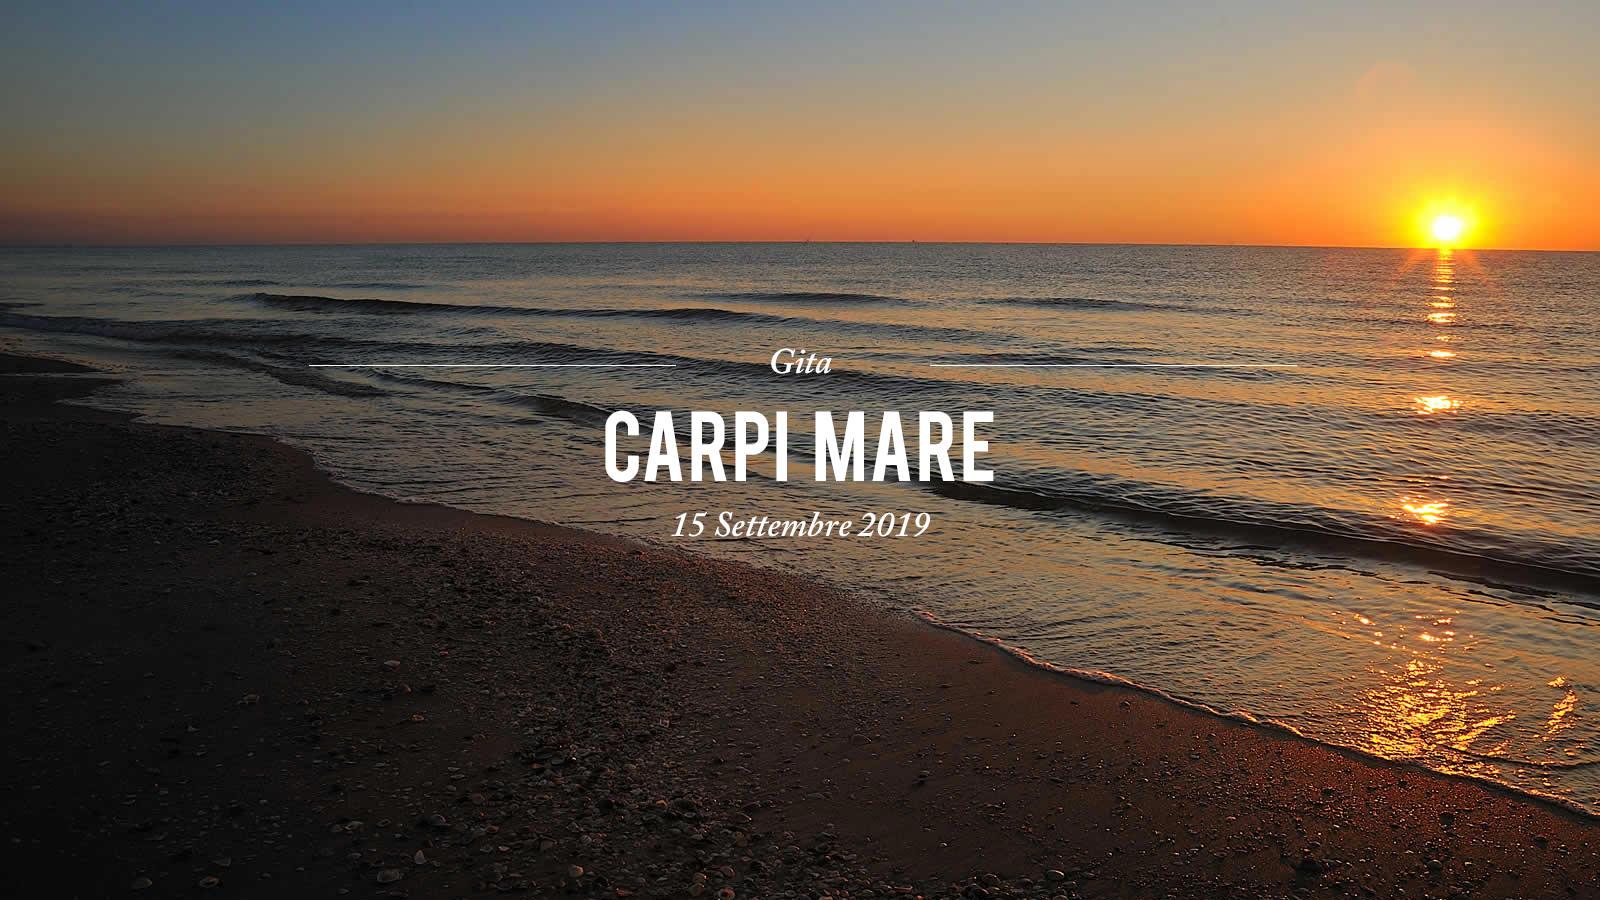 Carpi Mare 2019